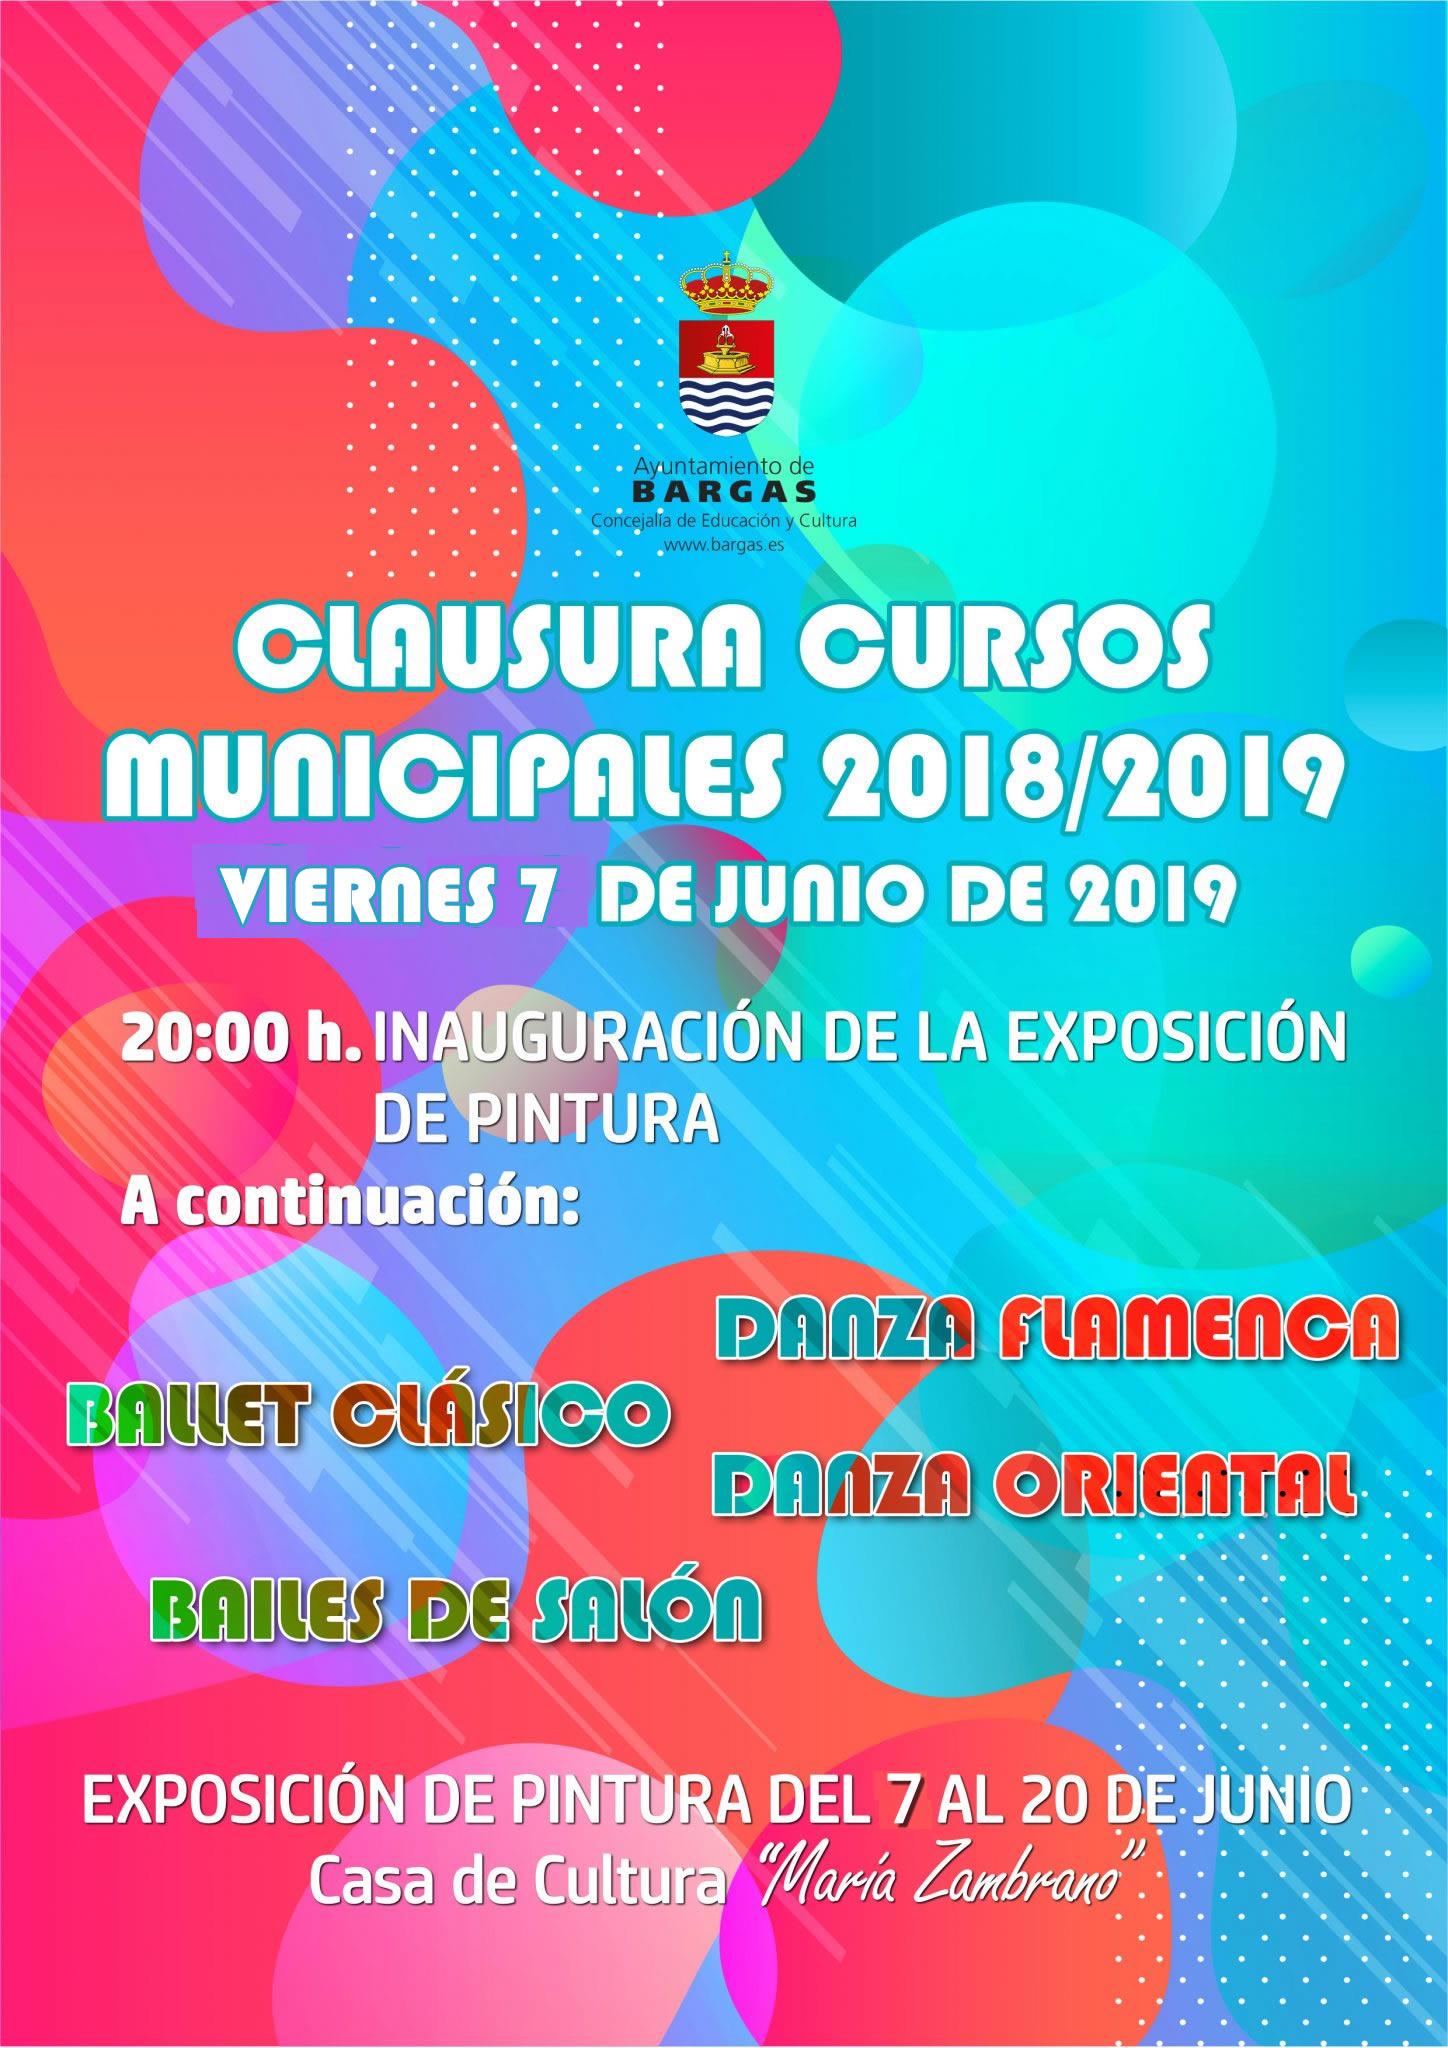 Clausura de los Cursos Municipales 2018/2019